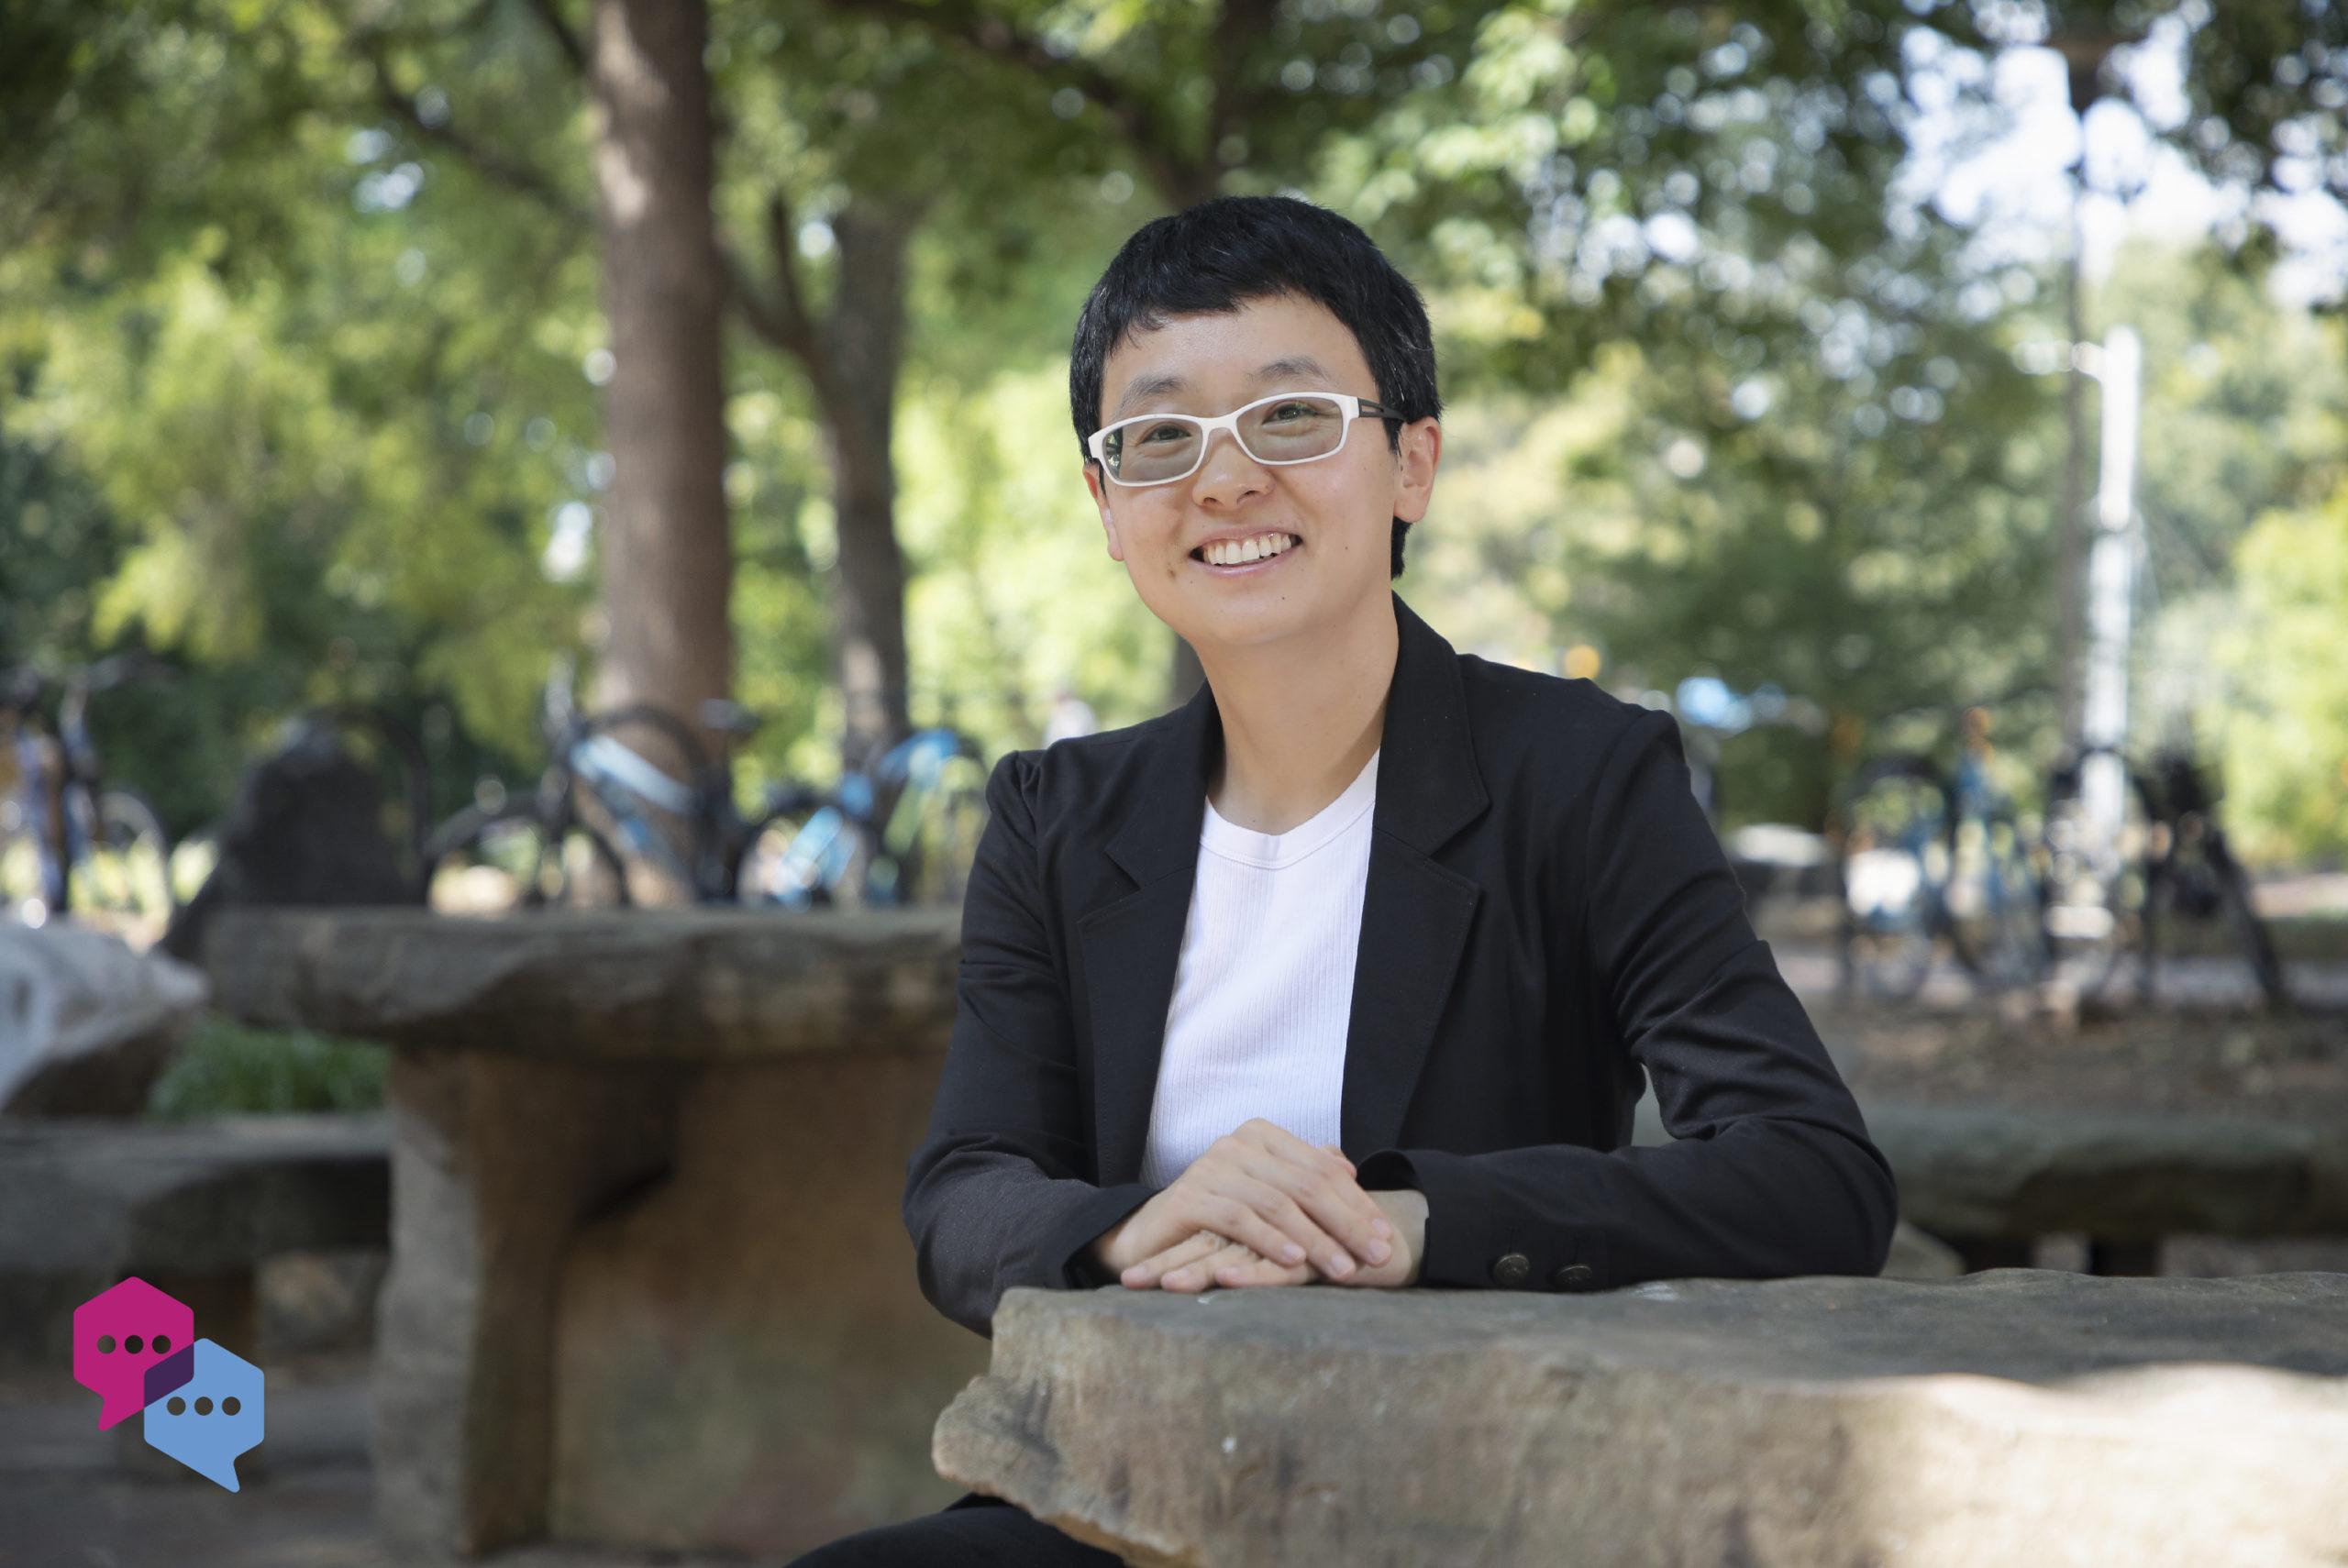 Xiaoming Liu